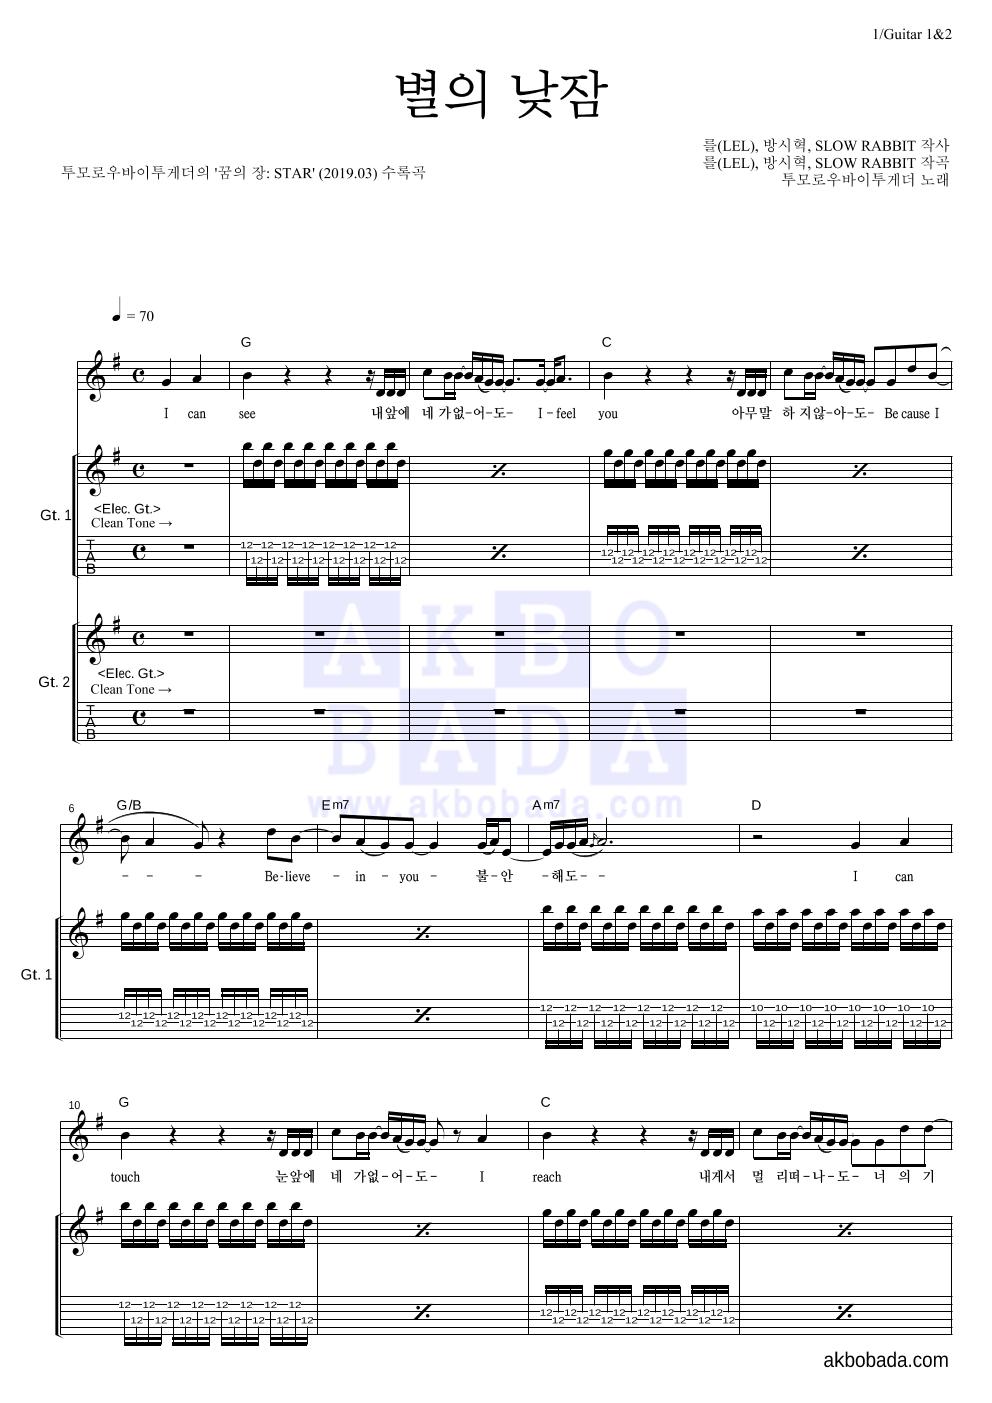 투모로우바이투게더 - 별의 낮잠 기타1,2 악보